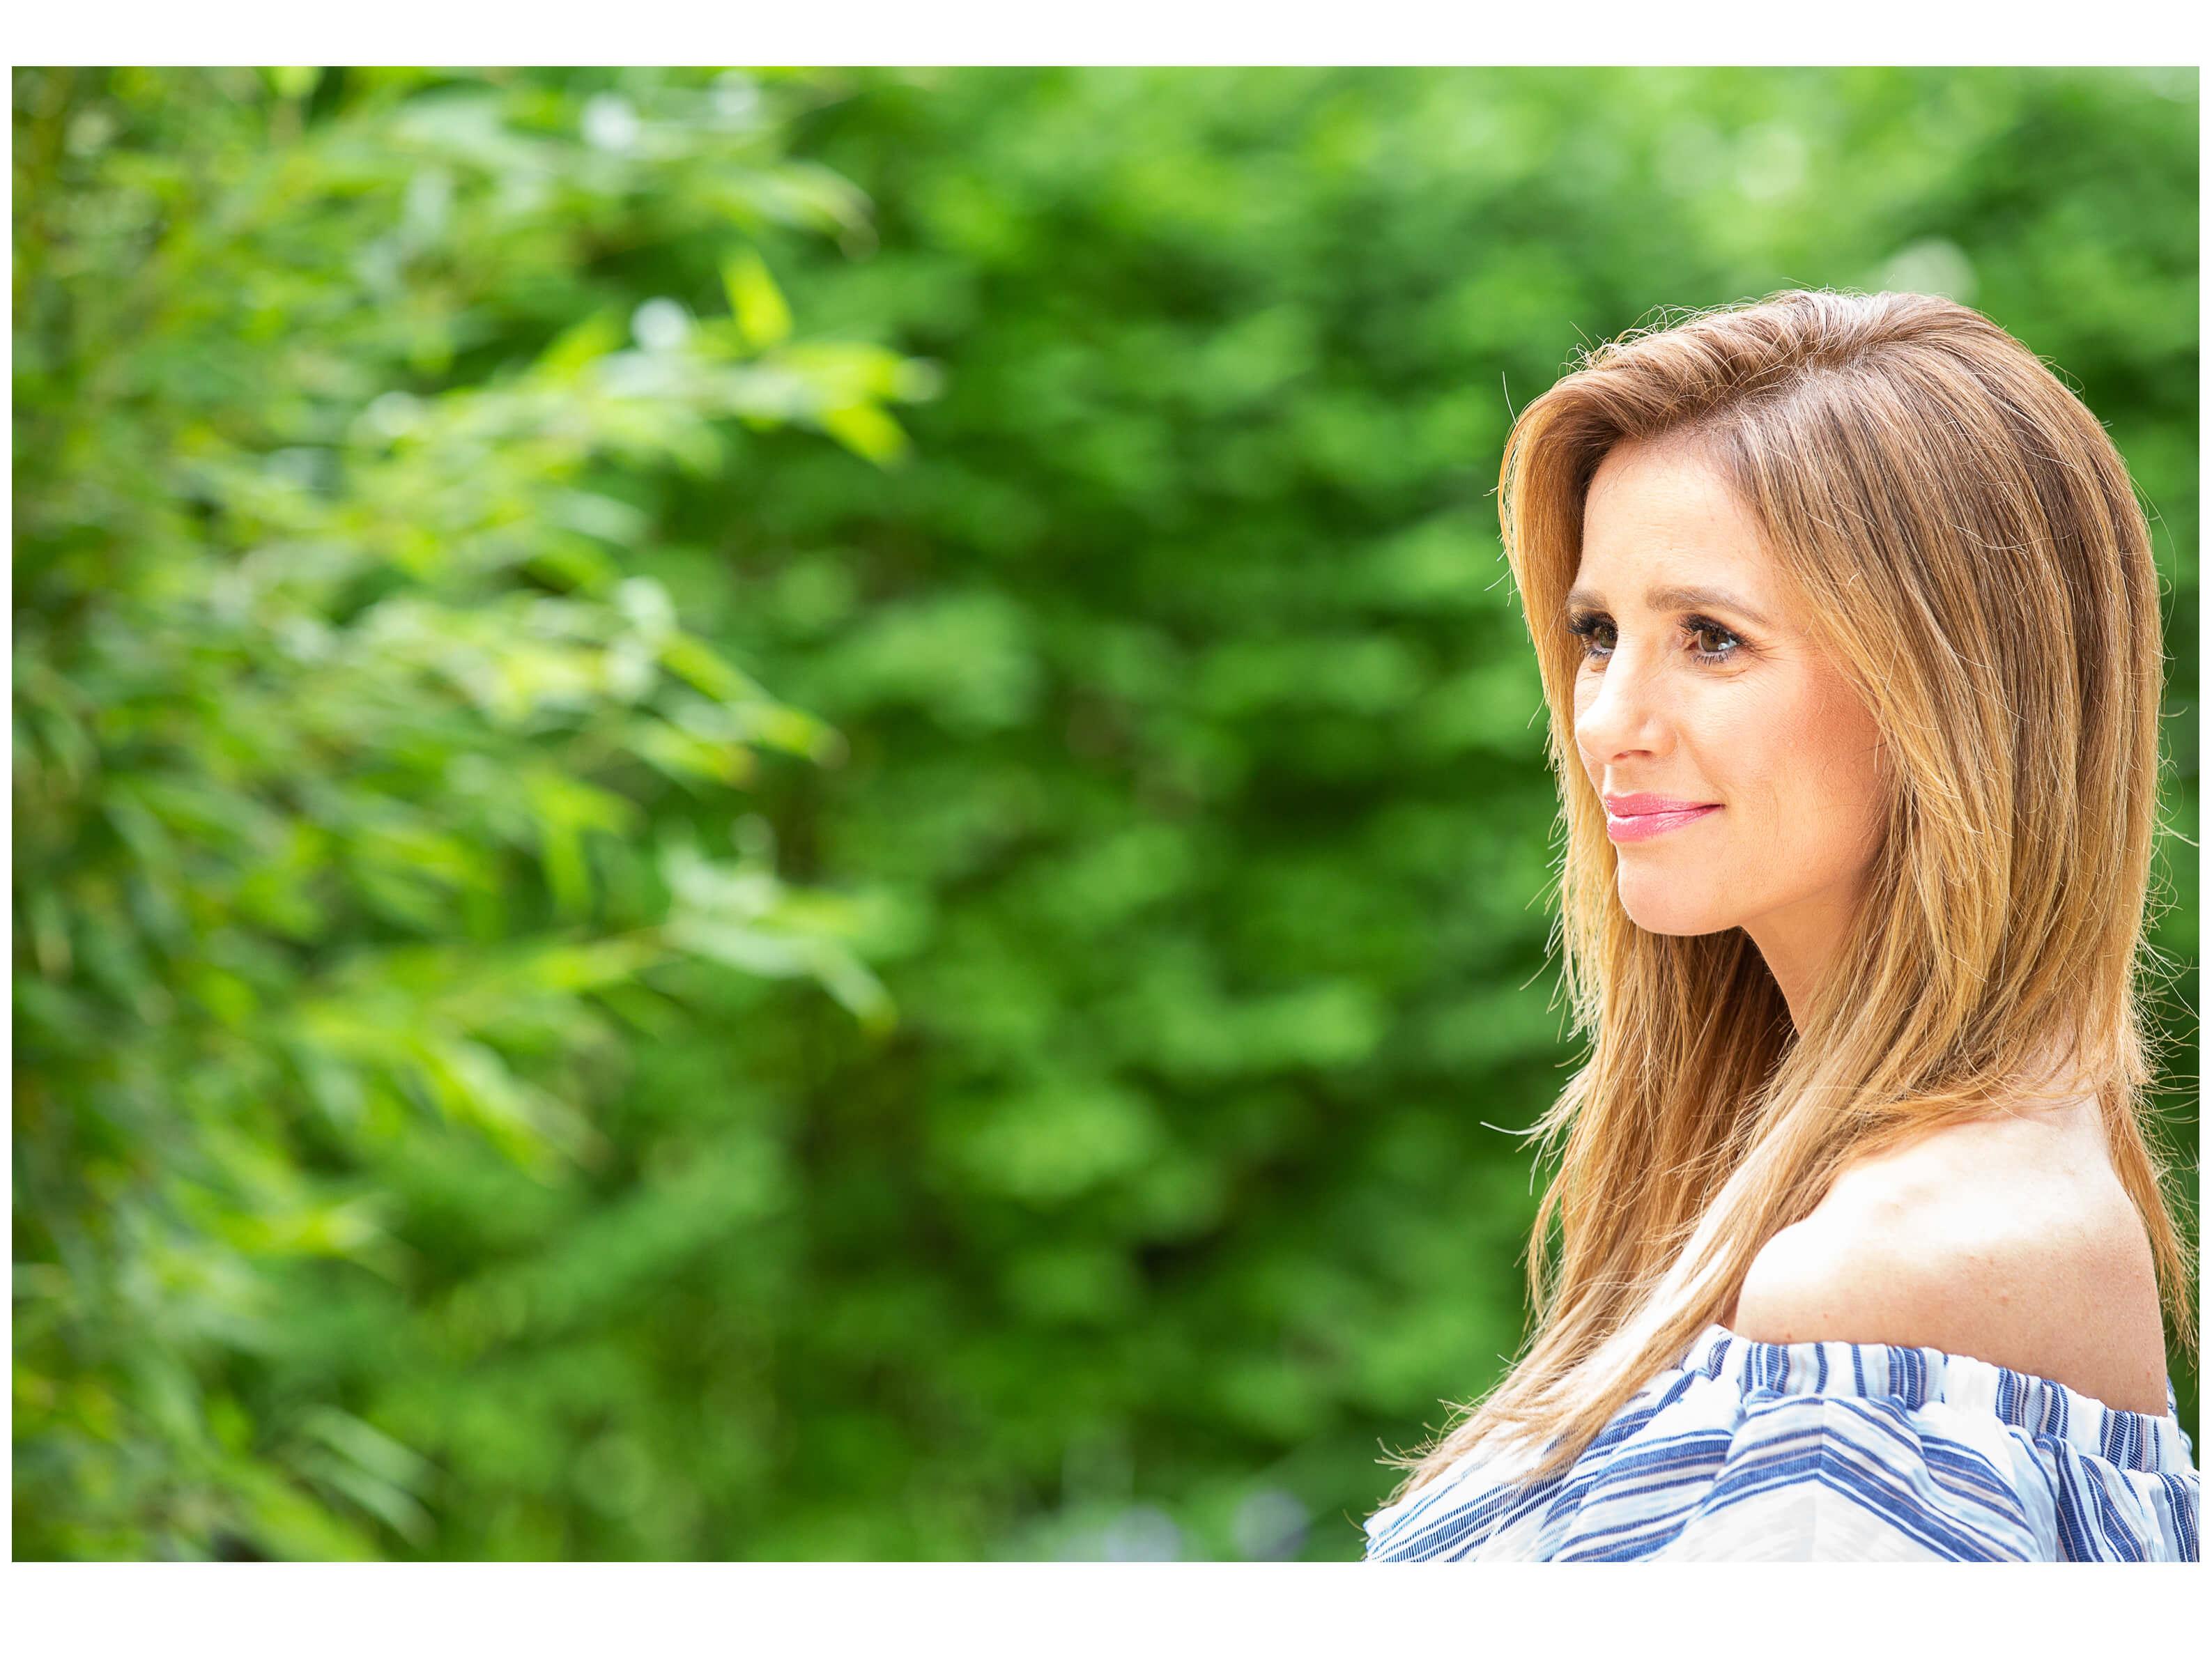 Mareile Höppner für Super Illu Viviane Wild